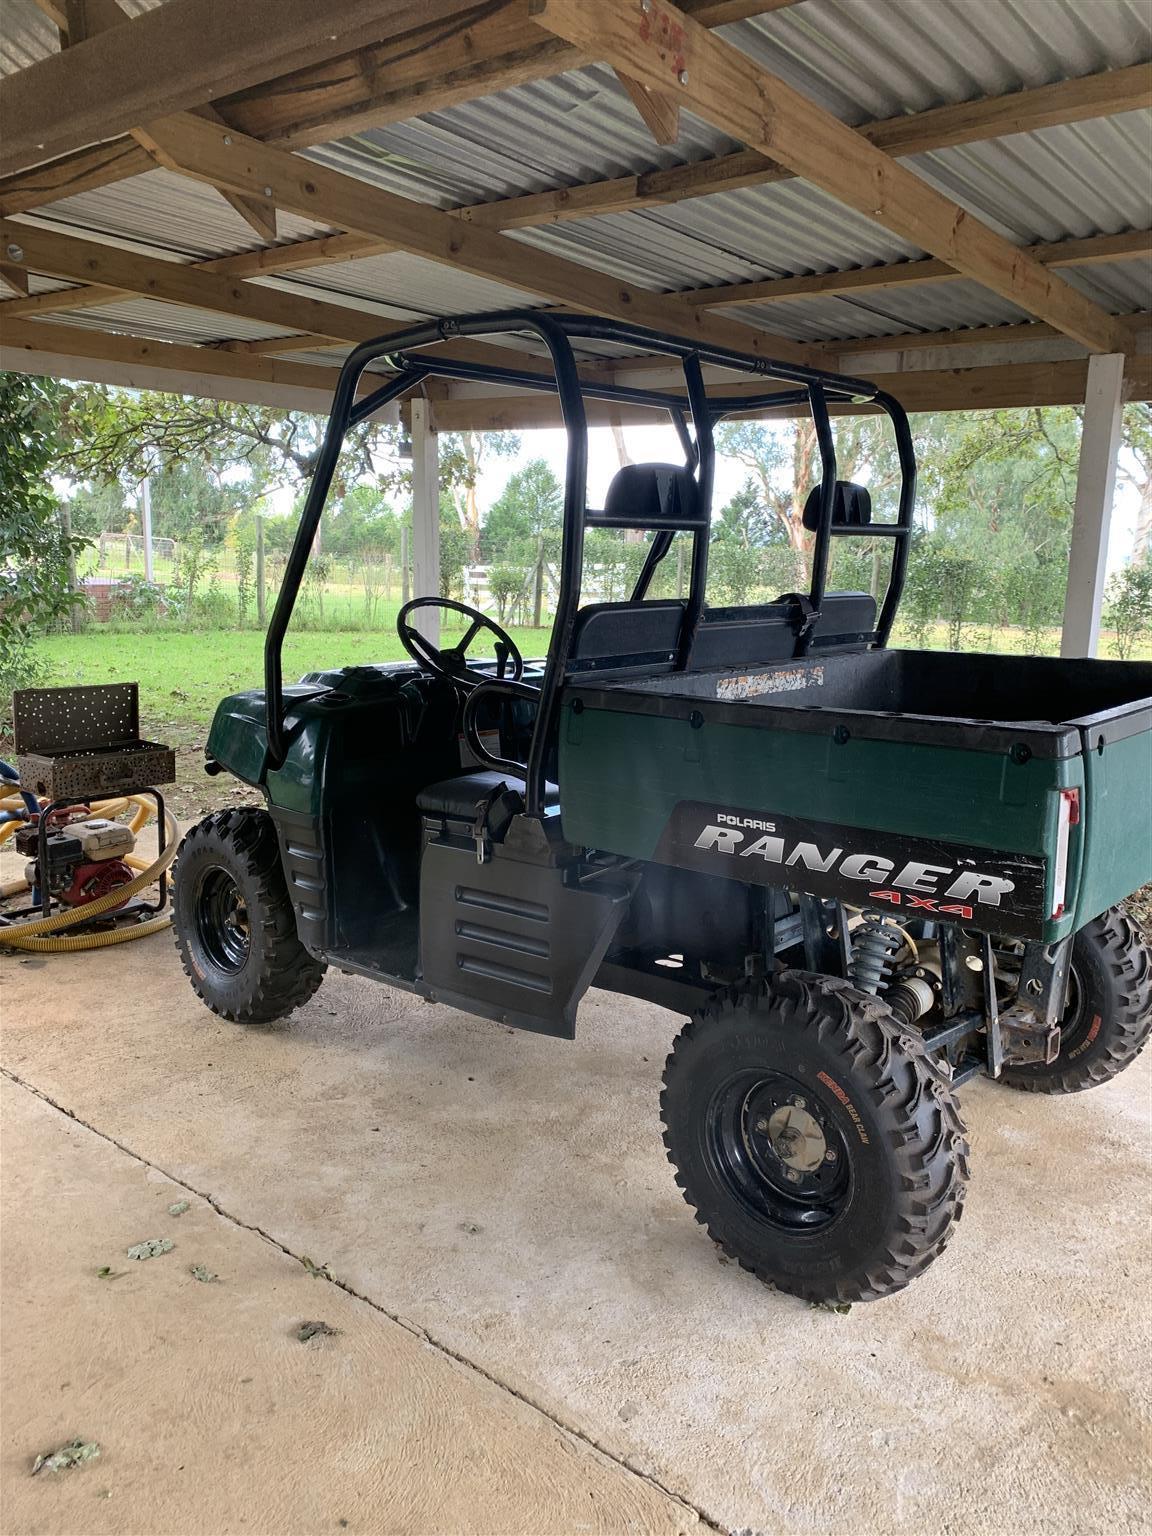 Polaris Ranger 440 EFI 4x4